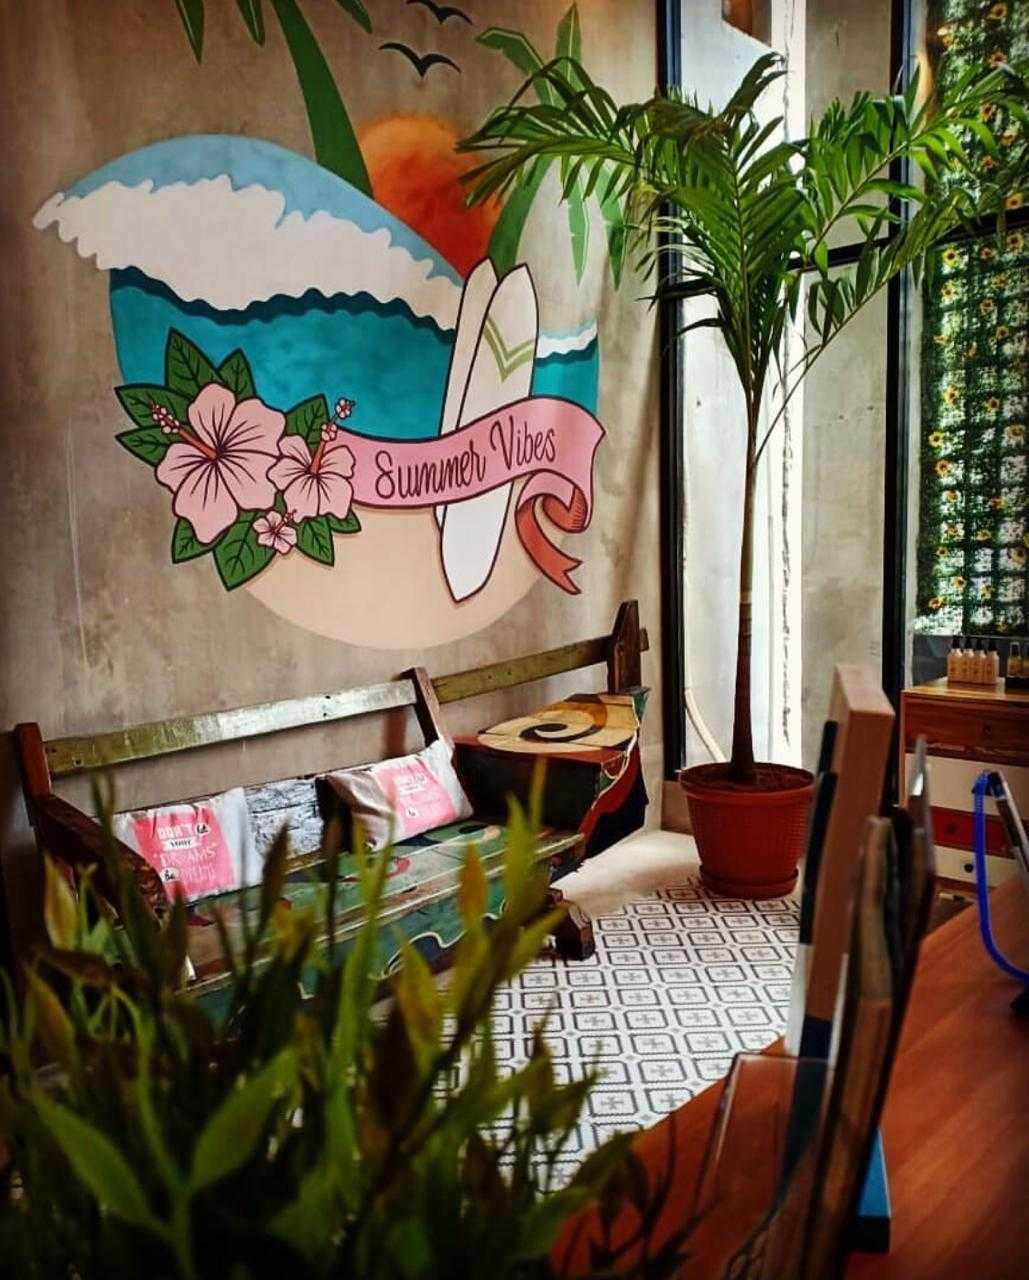 Aditya Yuwana Lopi Hotel Makassar, Kota Makassar, Sulawesi Selatan, Indonesia Makassar, Kota Makassar, Sulawesi Selatan, Indonesia Adityuwana-Lopi-Hotel   67651